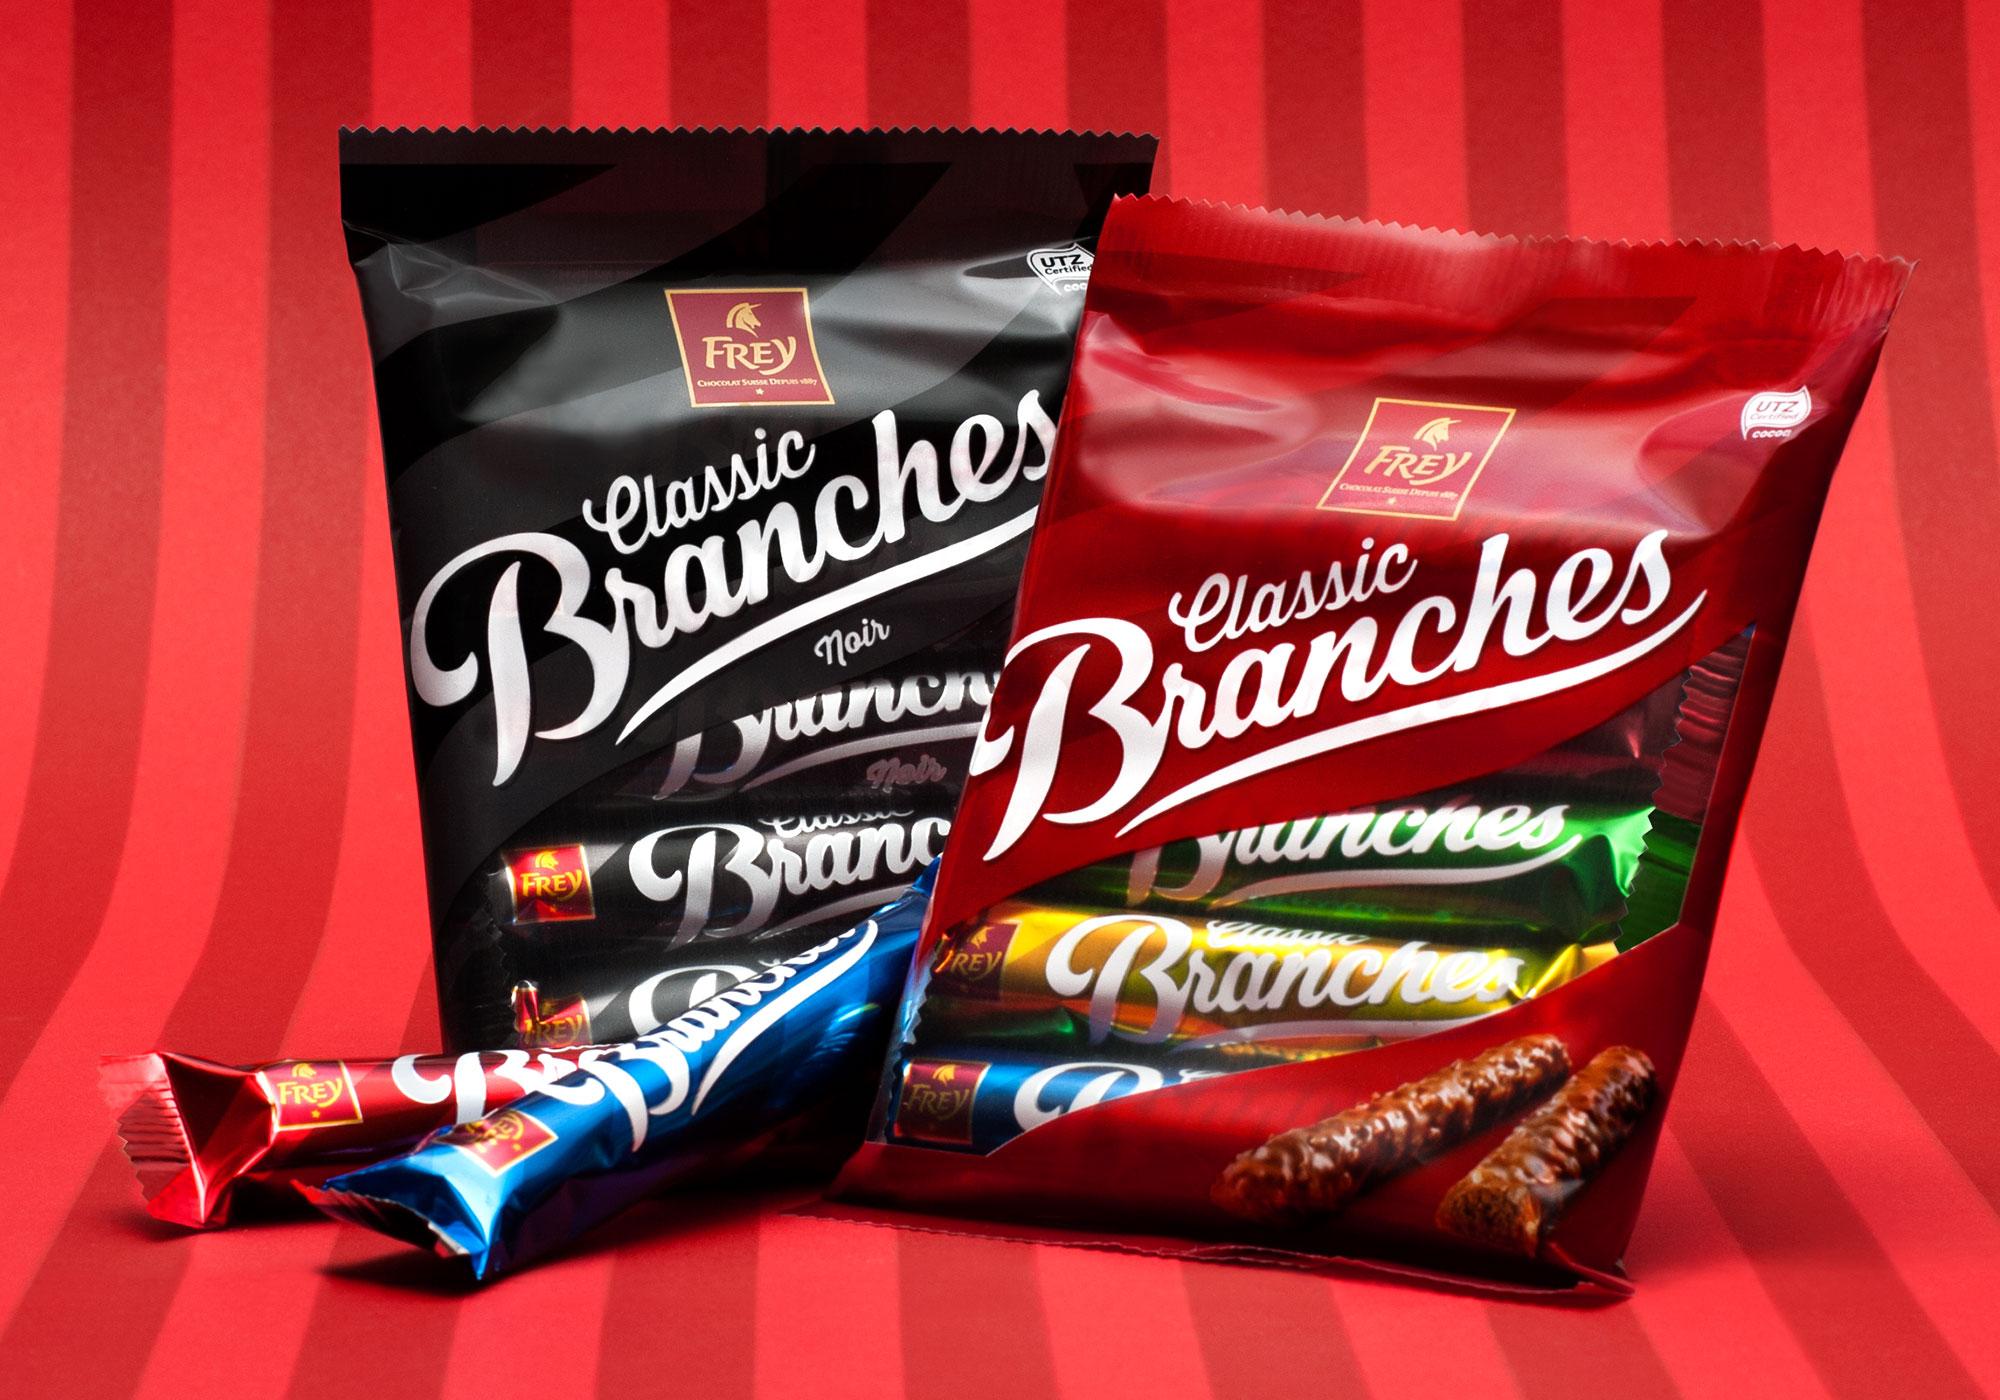 Gallery_Chocolat_Frey_Branches_Design_Marken_03B